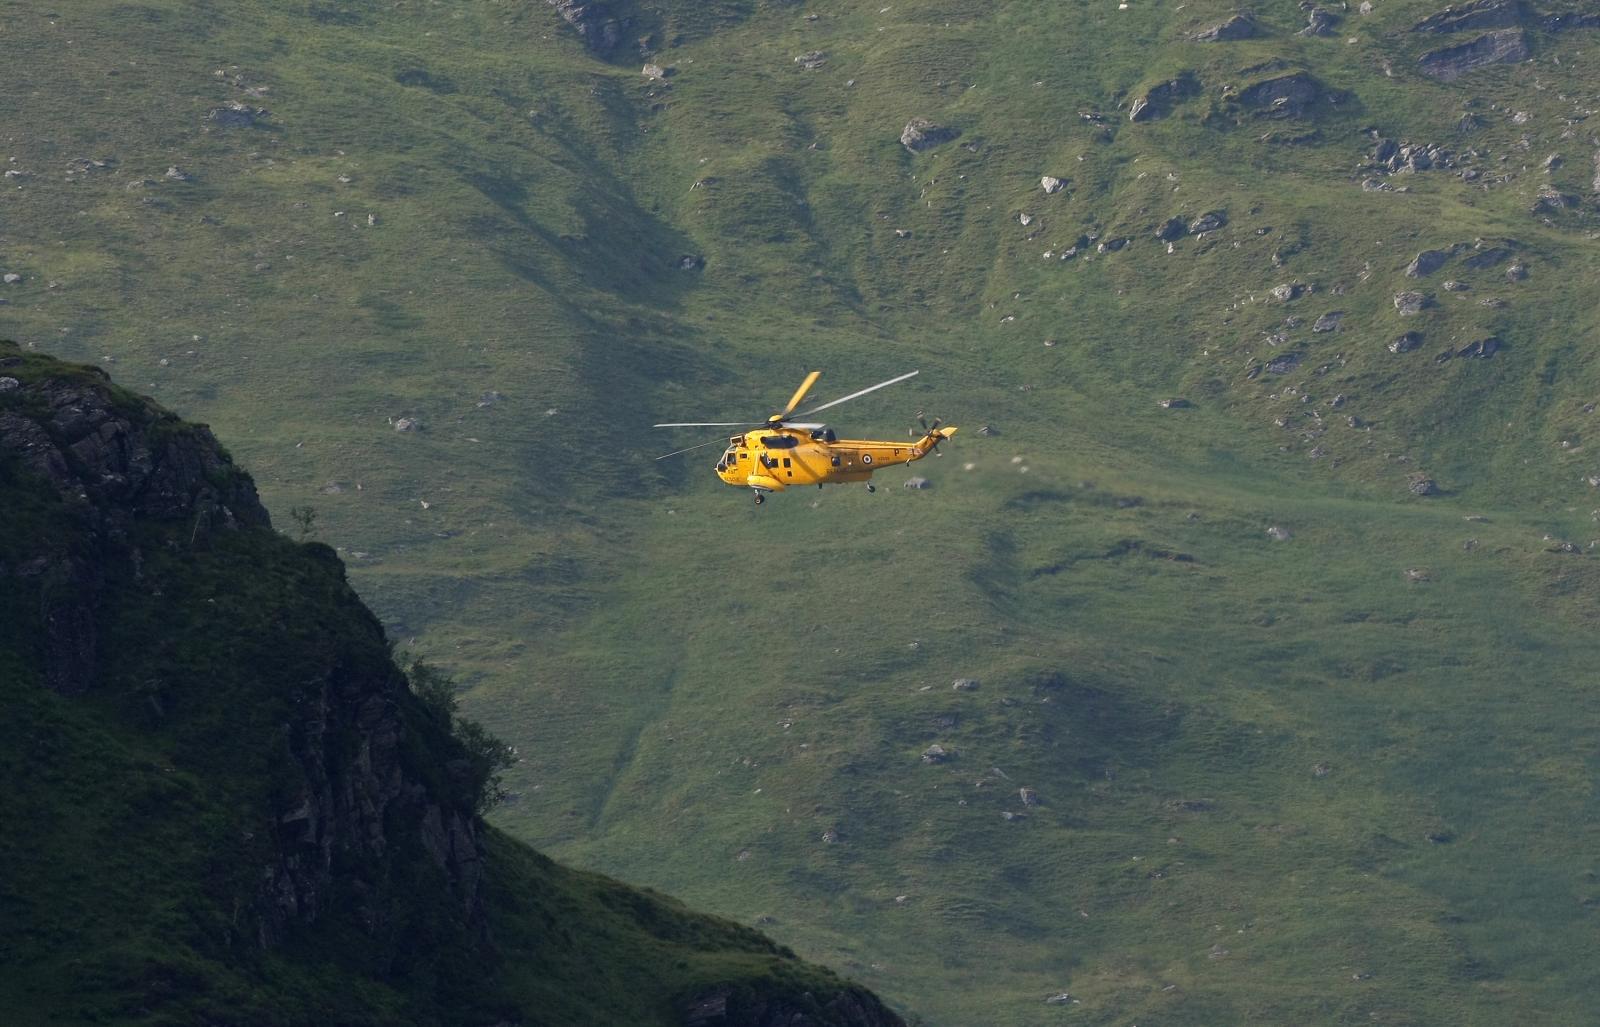 Plane crash rescue in Scotland